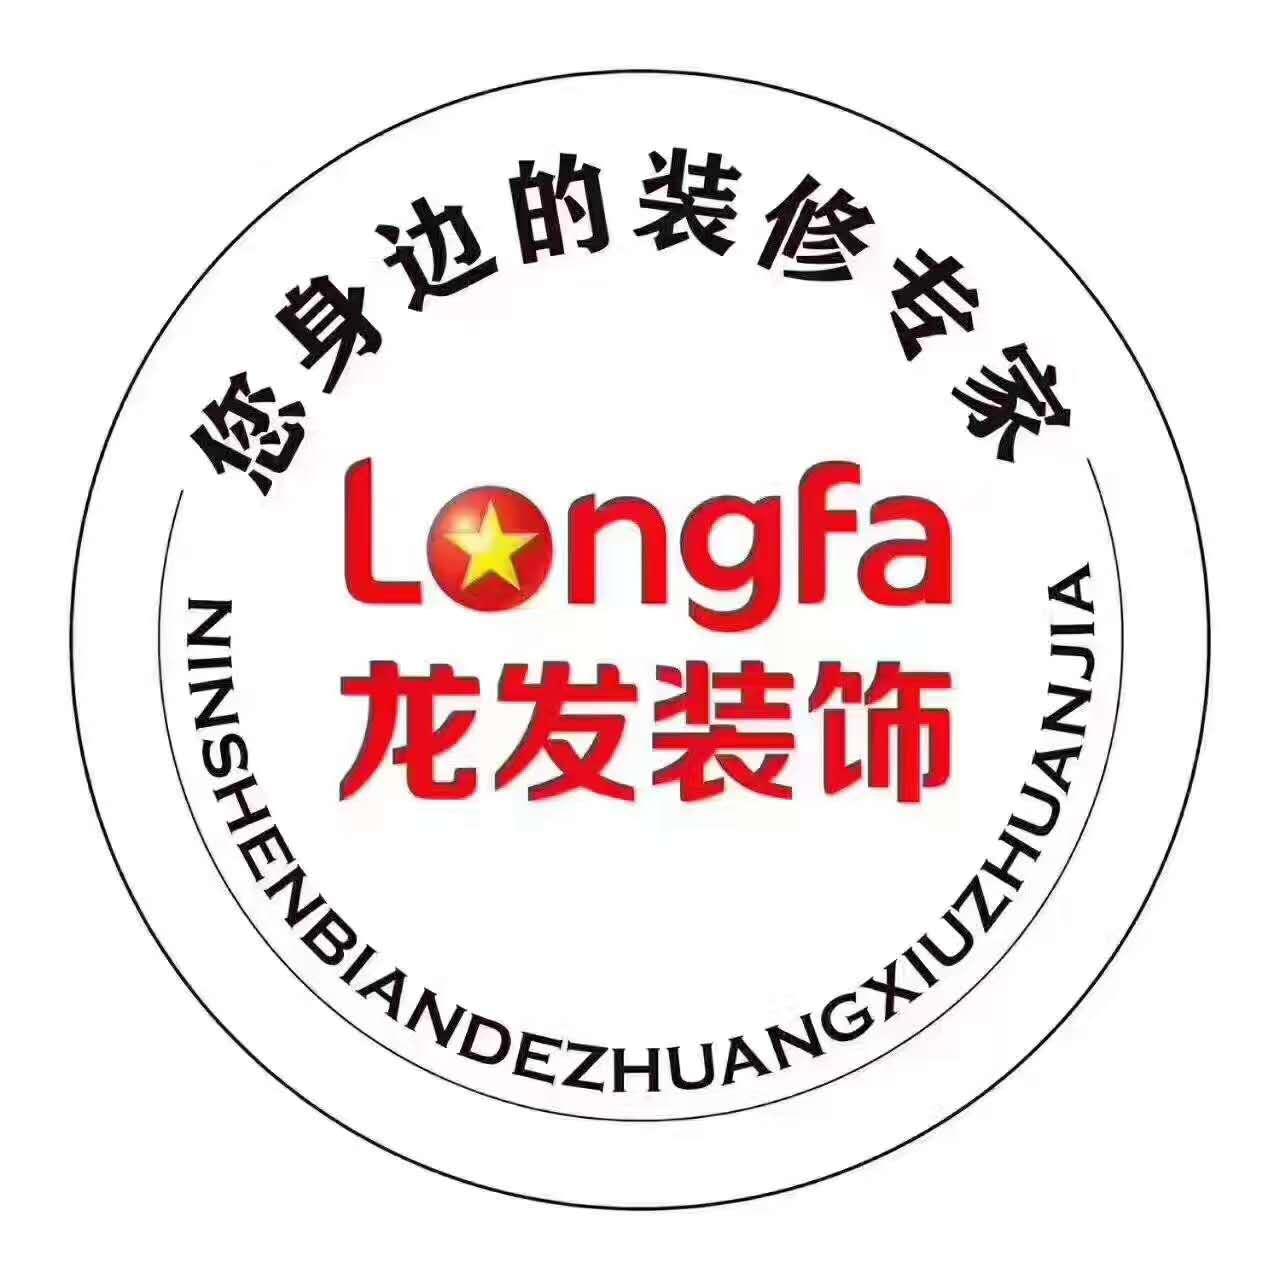 北京龙发装饰公司新乡直营公司